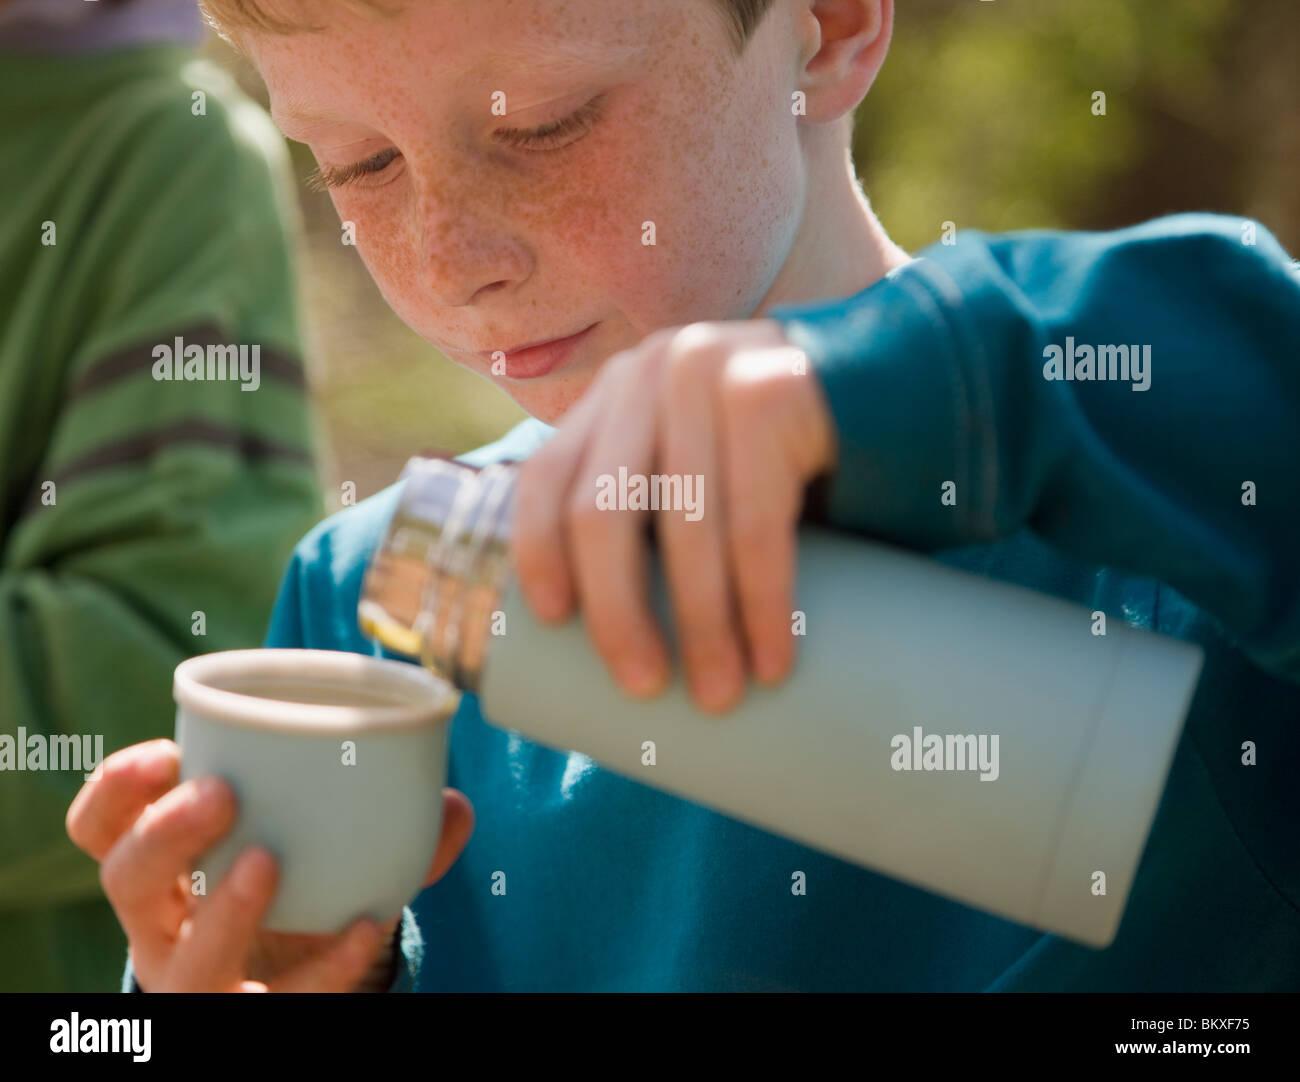 Close up of young boy verser de l'eau de ballon isolé Photo Stock